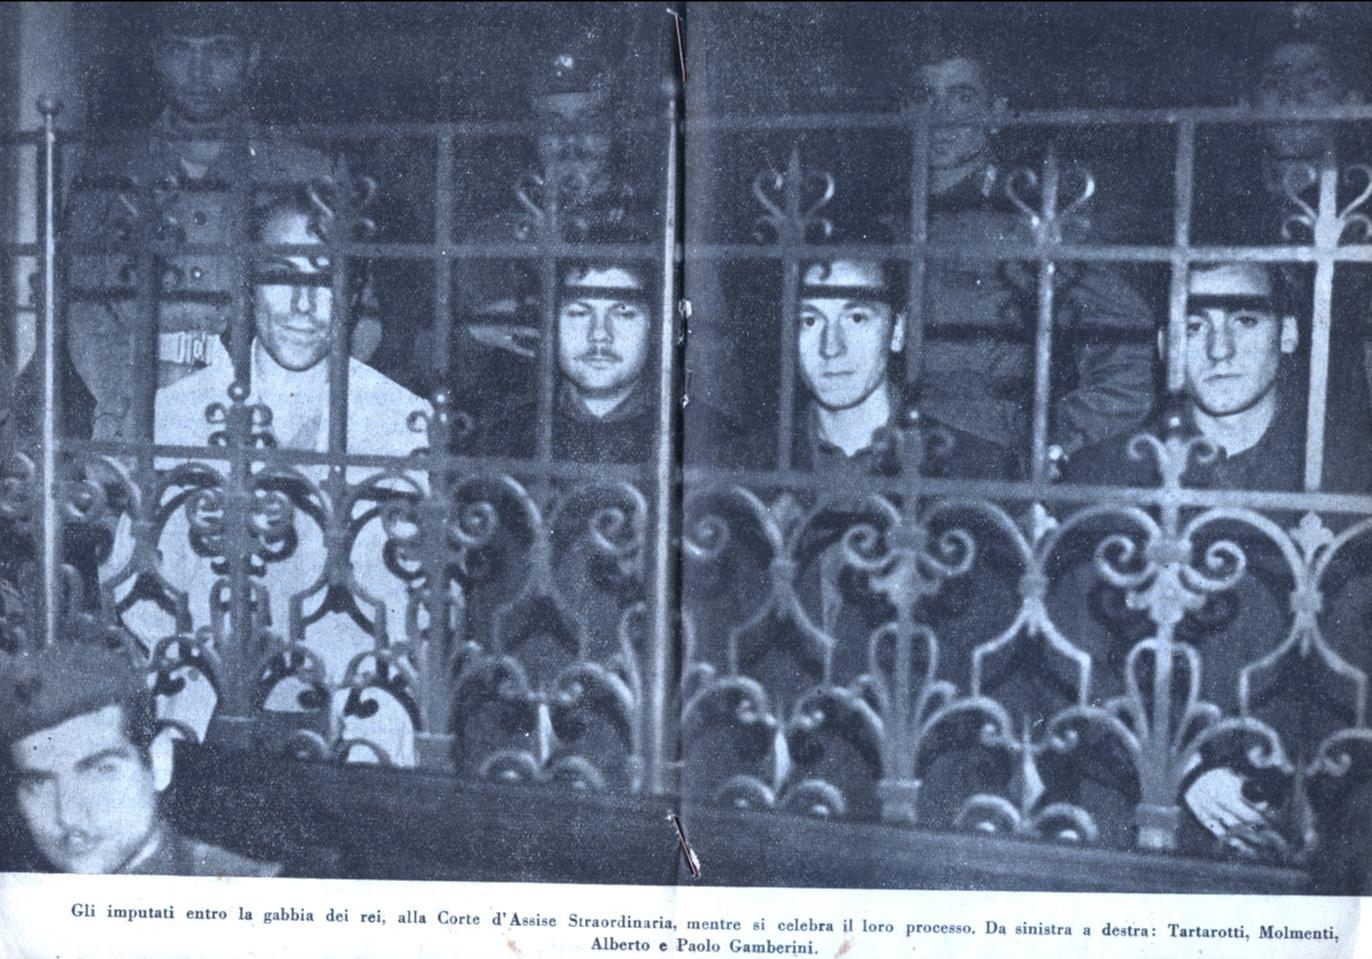 Durante il processo, nella gabbia degli imputati, alla Corte d'Assise Straordinaria di Bologna, da sinistra a Destra, Tartarotti, Molmenti, Alberto e Paolo Gamberini.